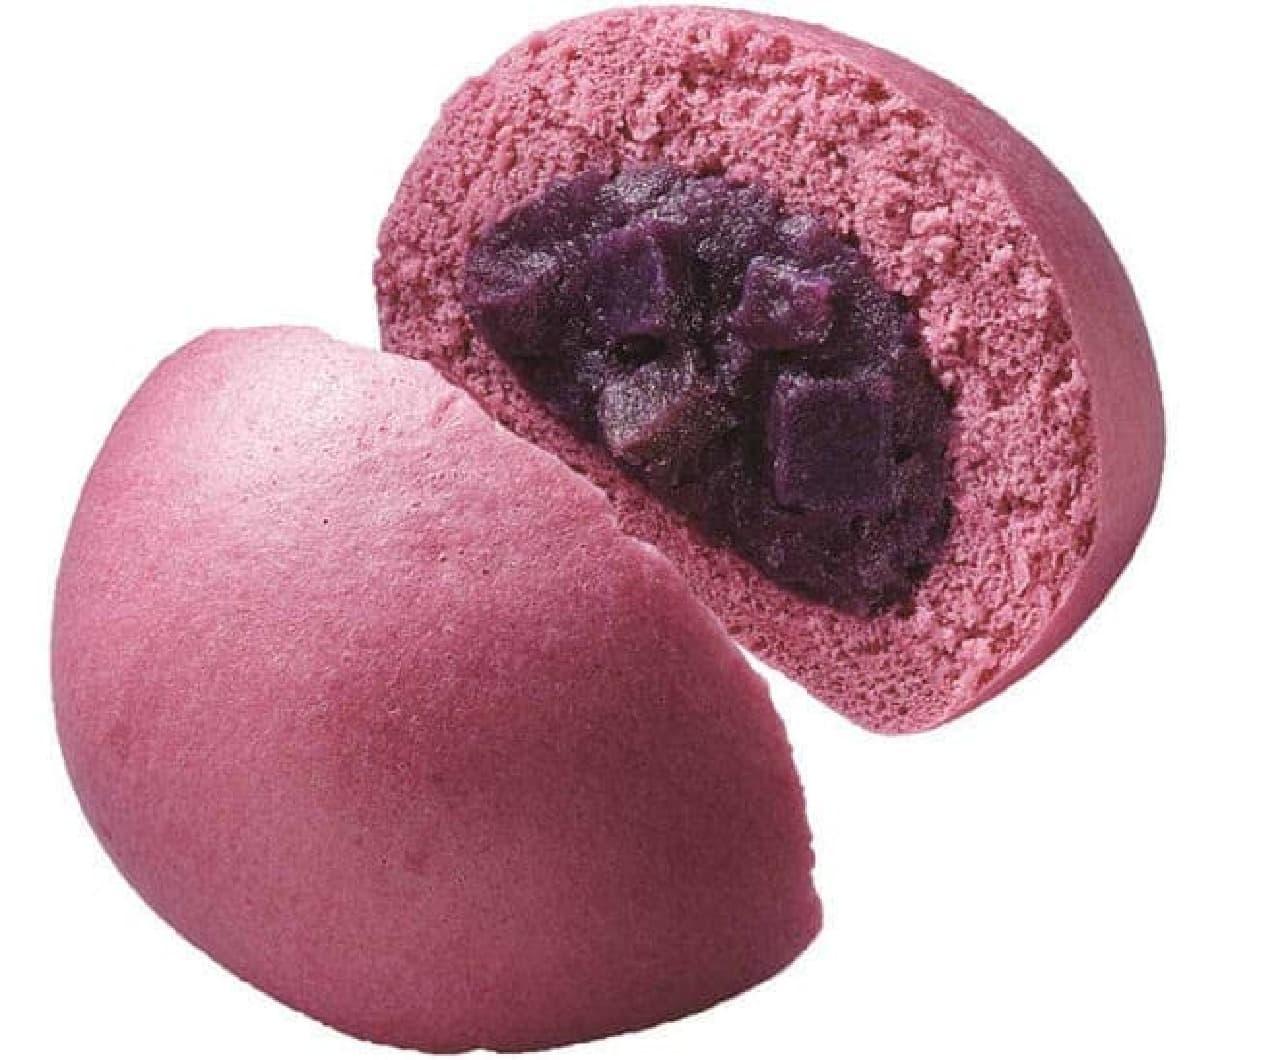 種子島ロマンの紫芋まん